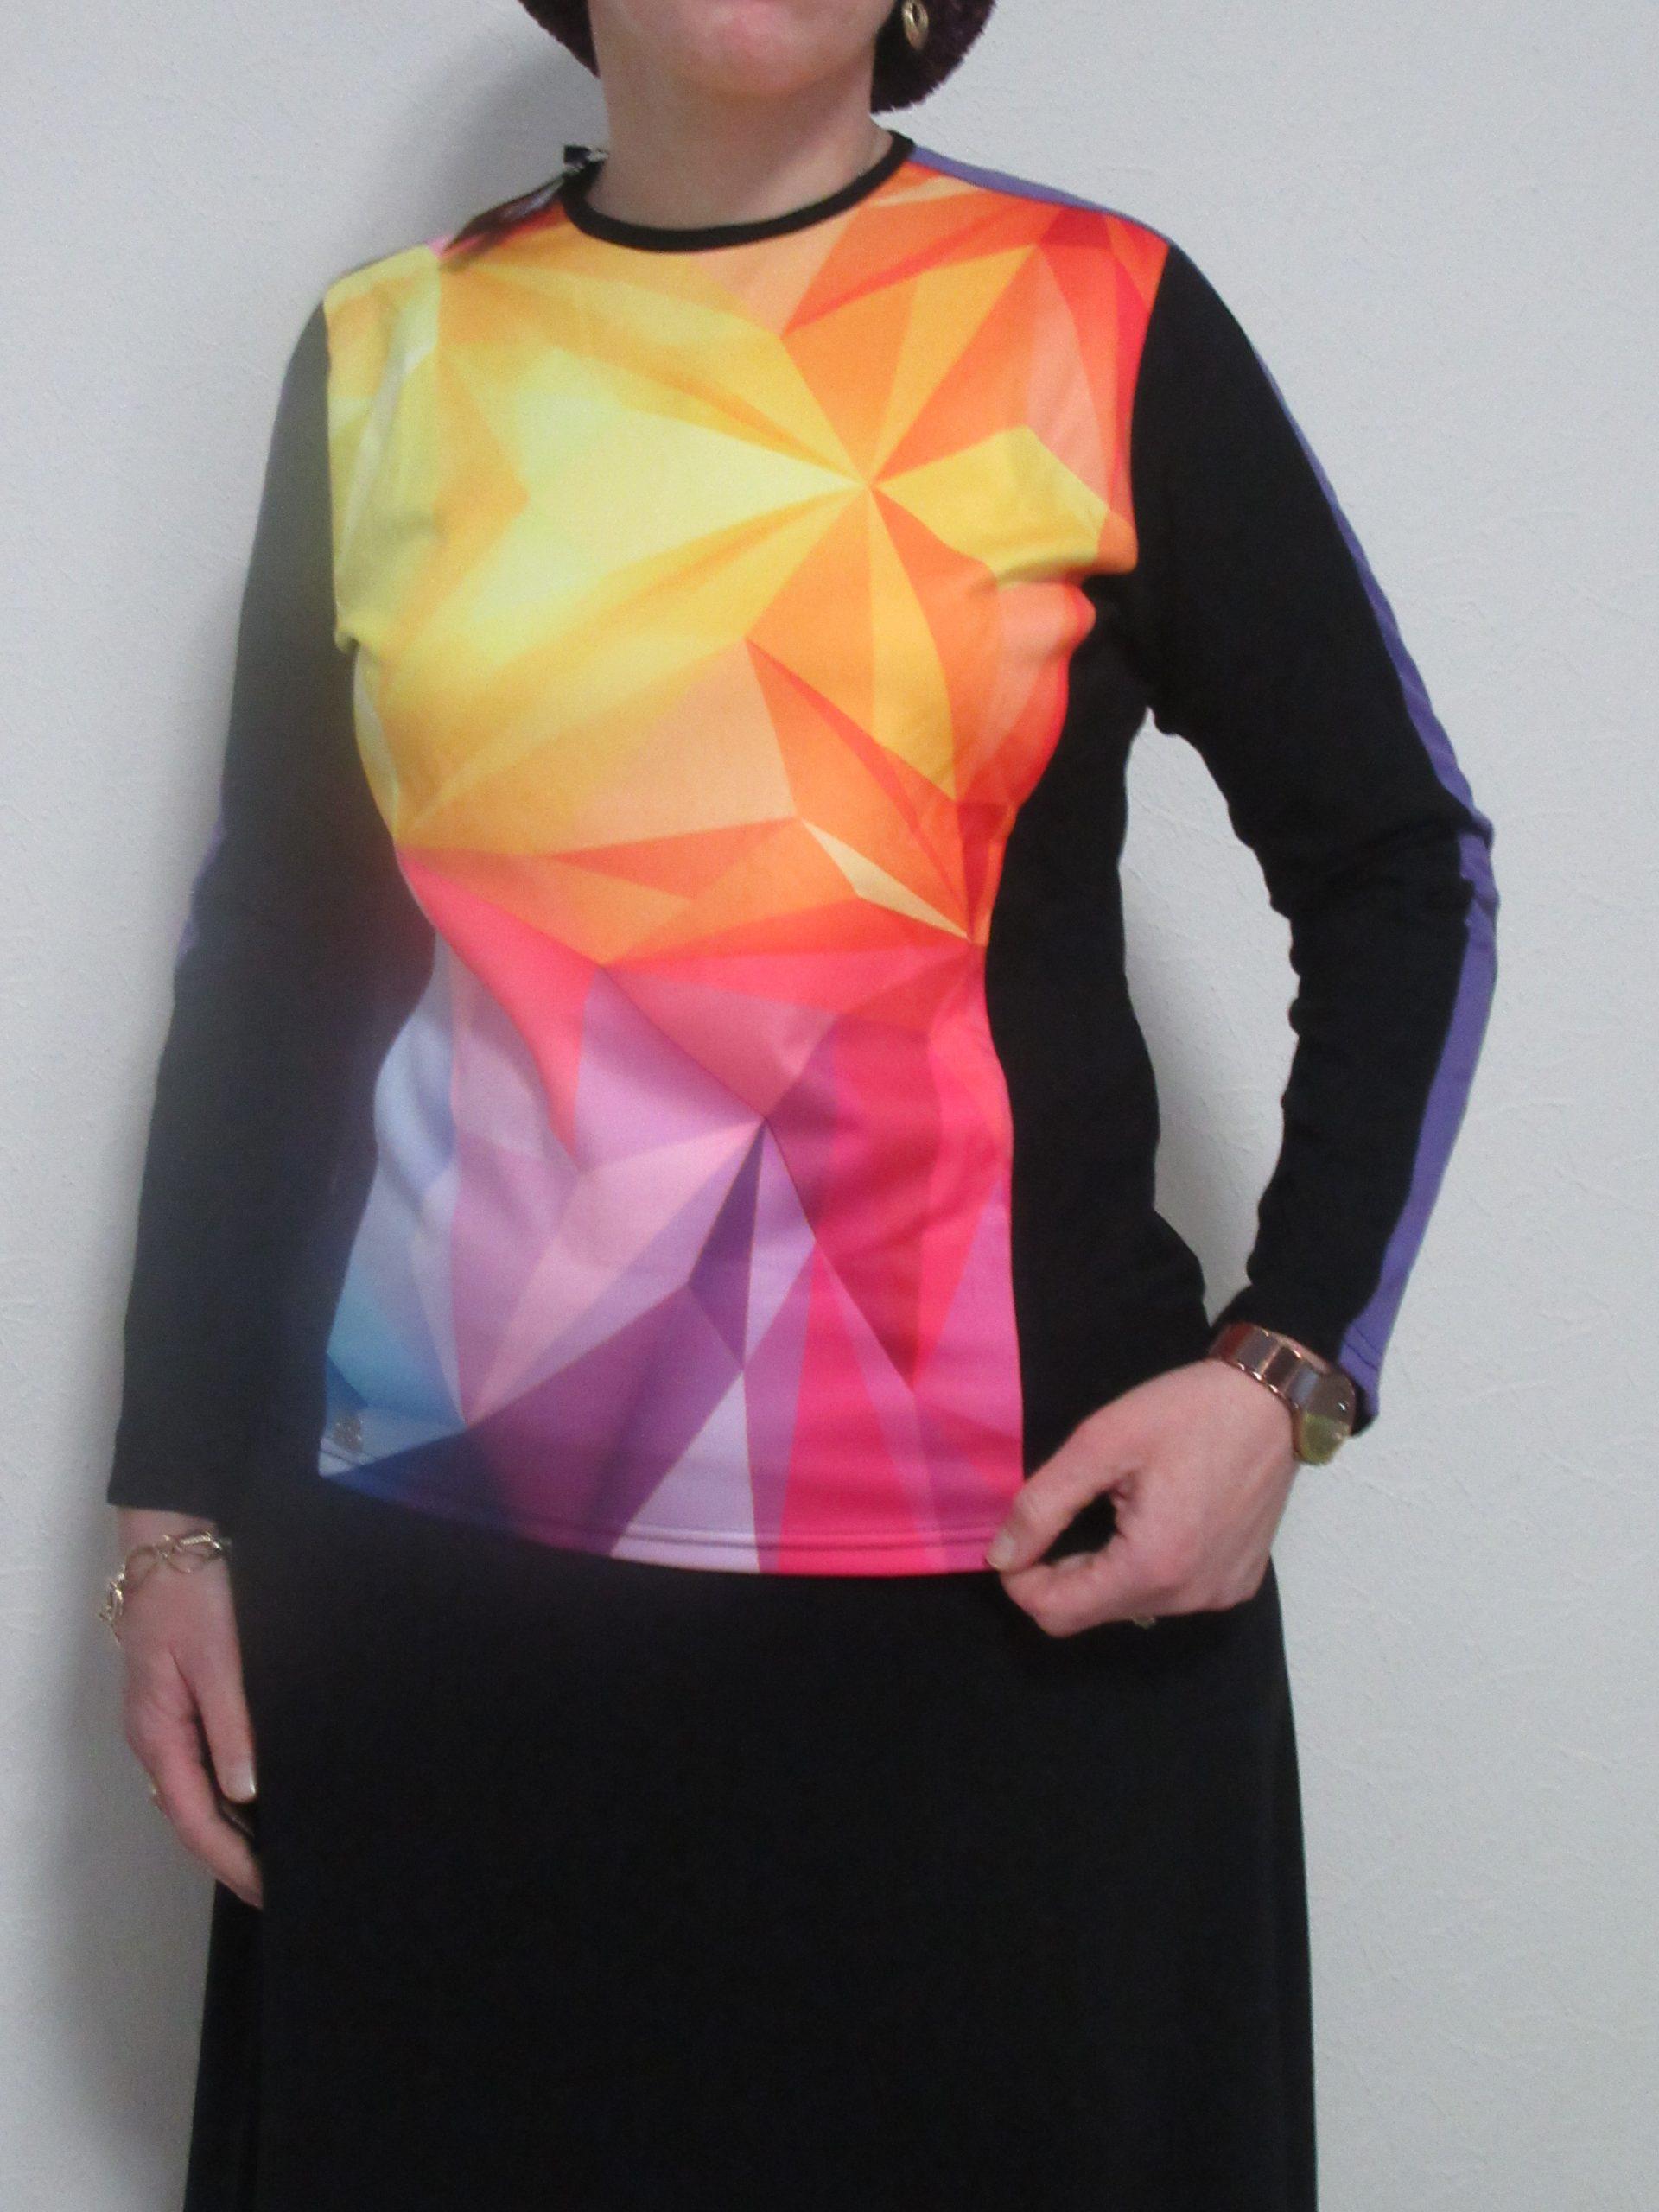 חולצת בית של ליידיס מקולקציה קודמת: צבעי פסטל תלת ממד